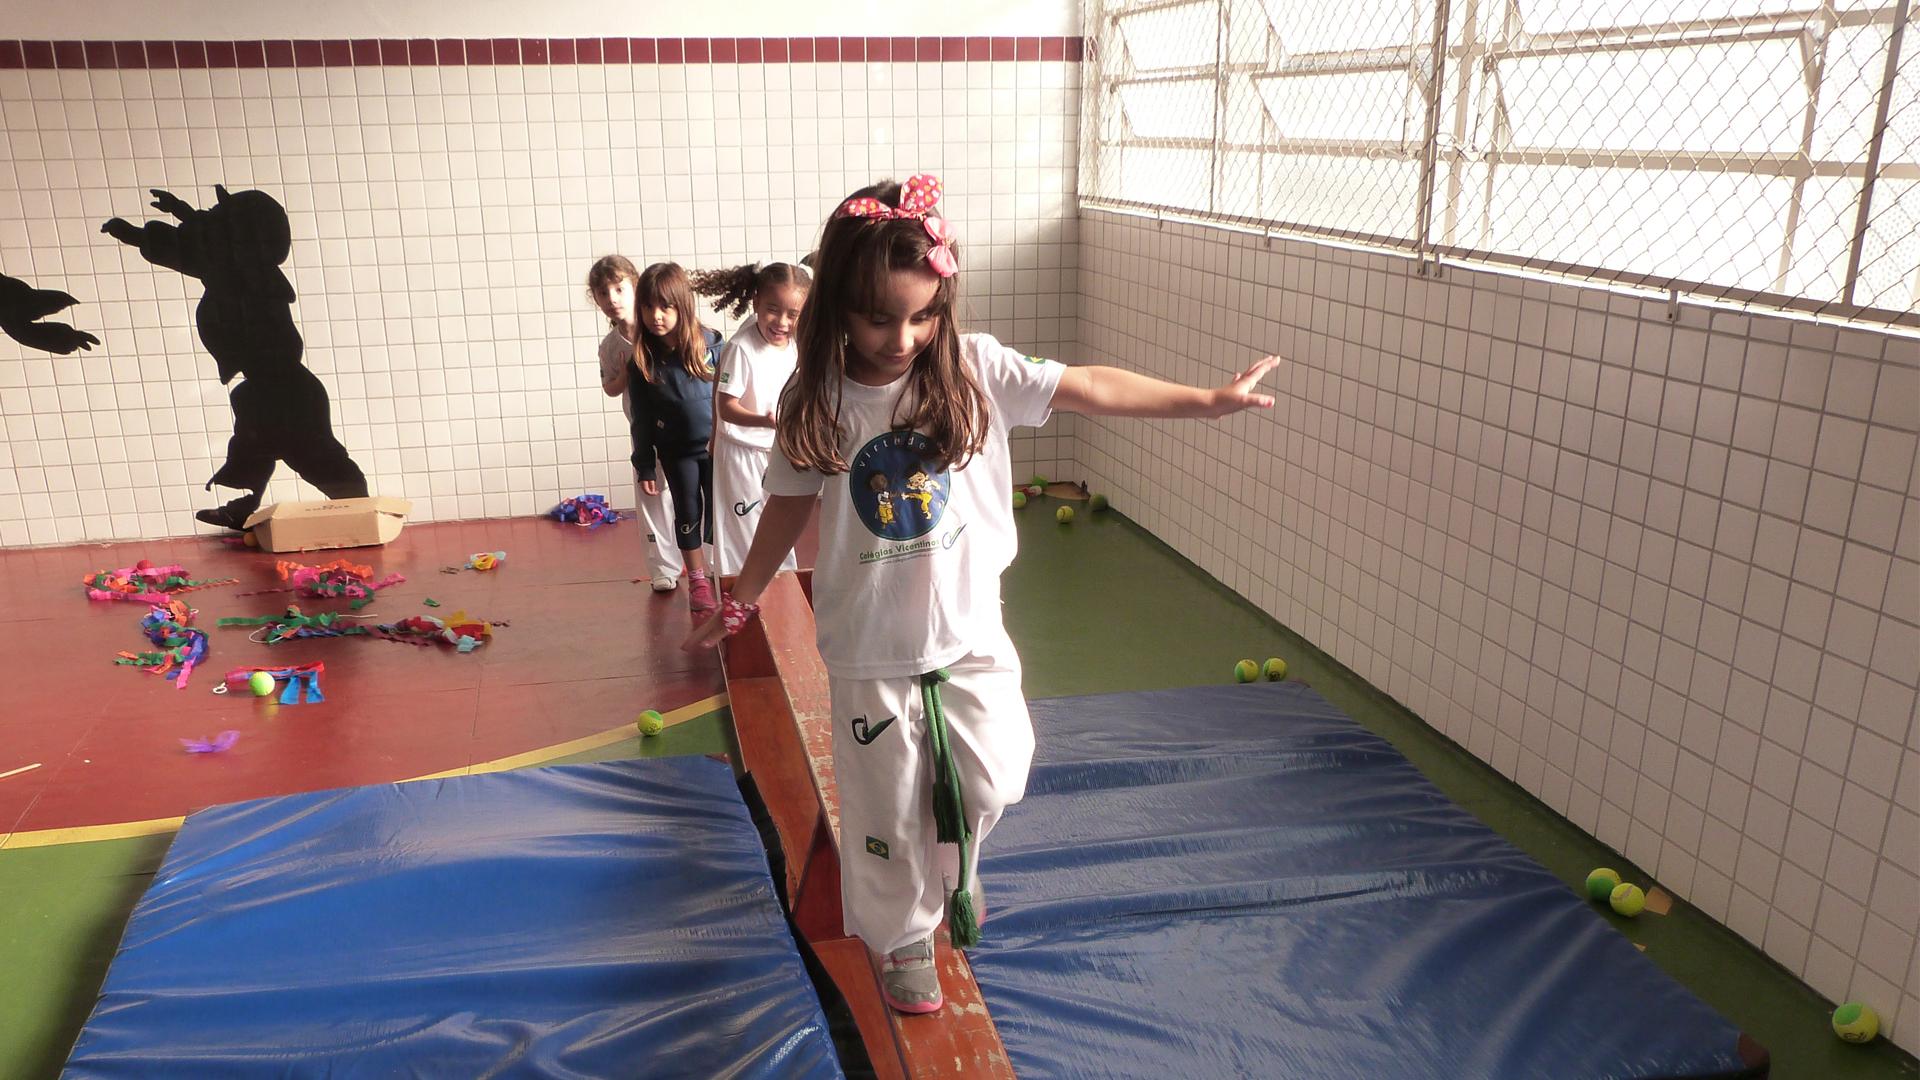 [Os Alunos da Educação Infantil em Atividade circenses com os Professores de Educação Física -  Comemoração ao dia do circo]